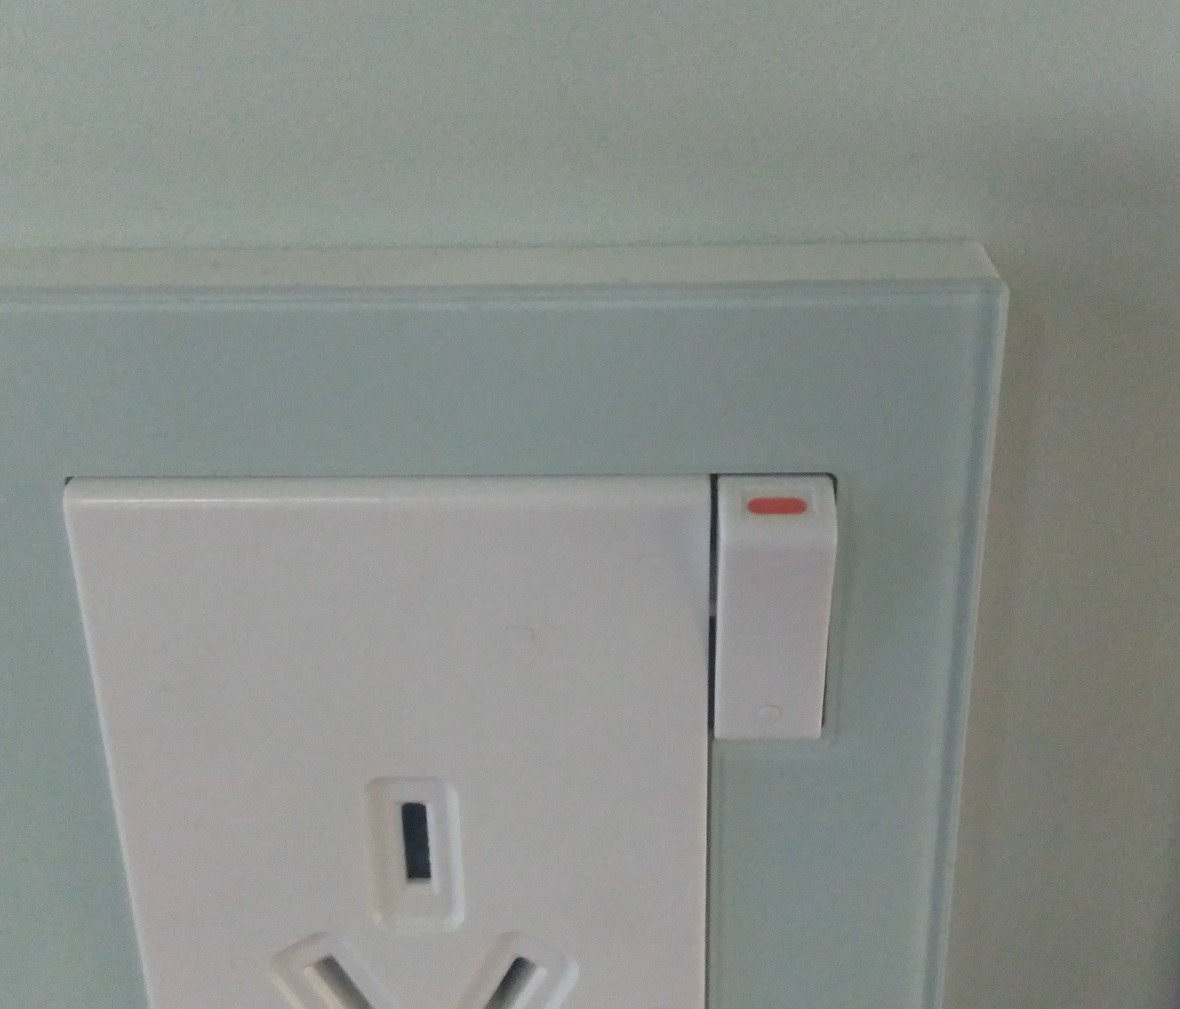 松下灯饰 新姿彩系列 三孔一开水绿插座 耐高温 防漏电 PC材质 细节